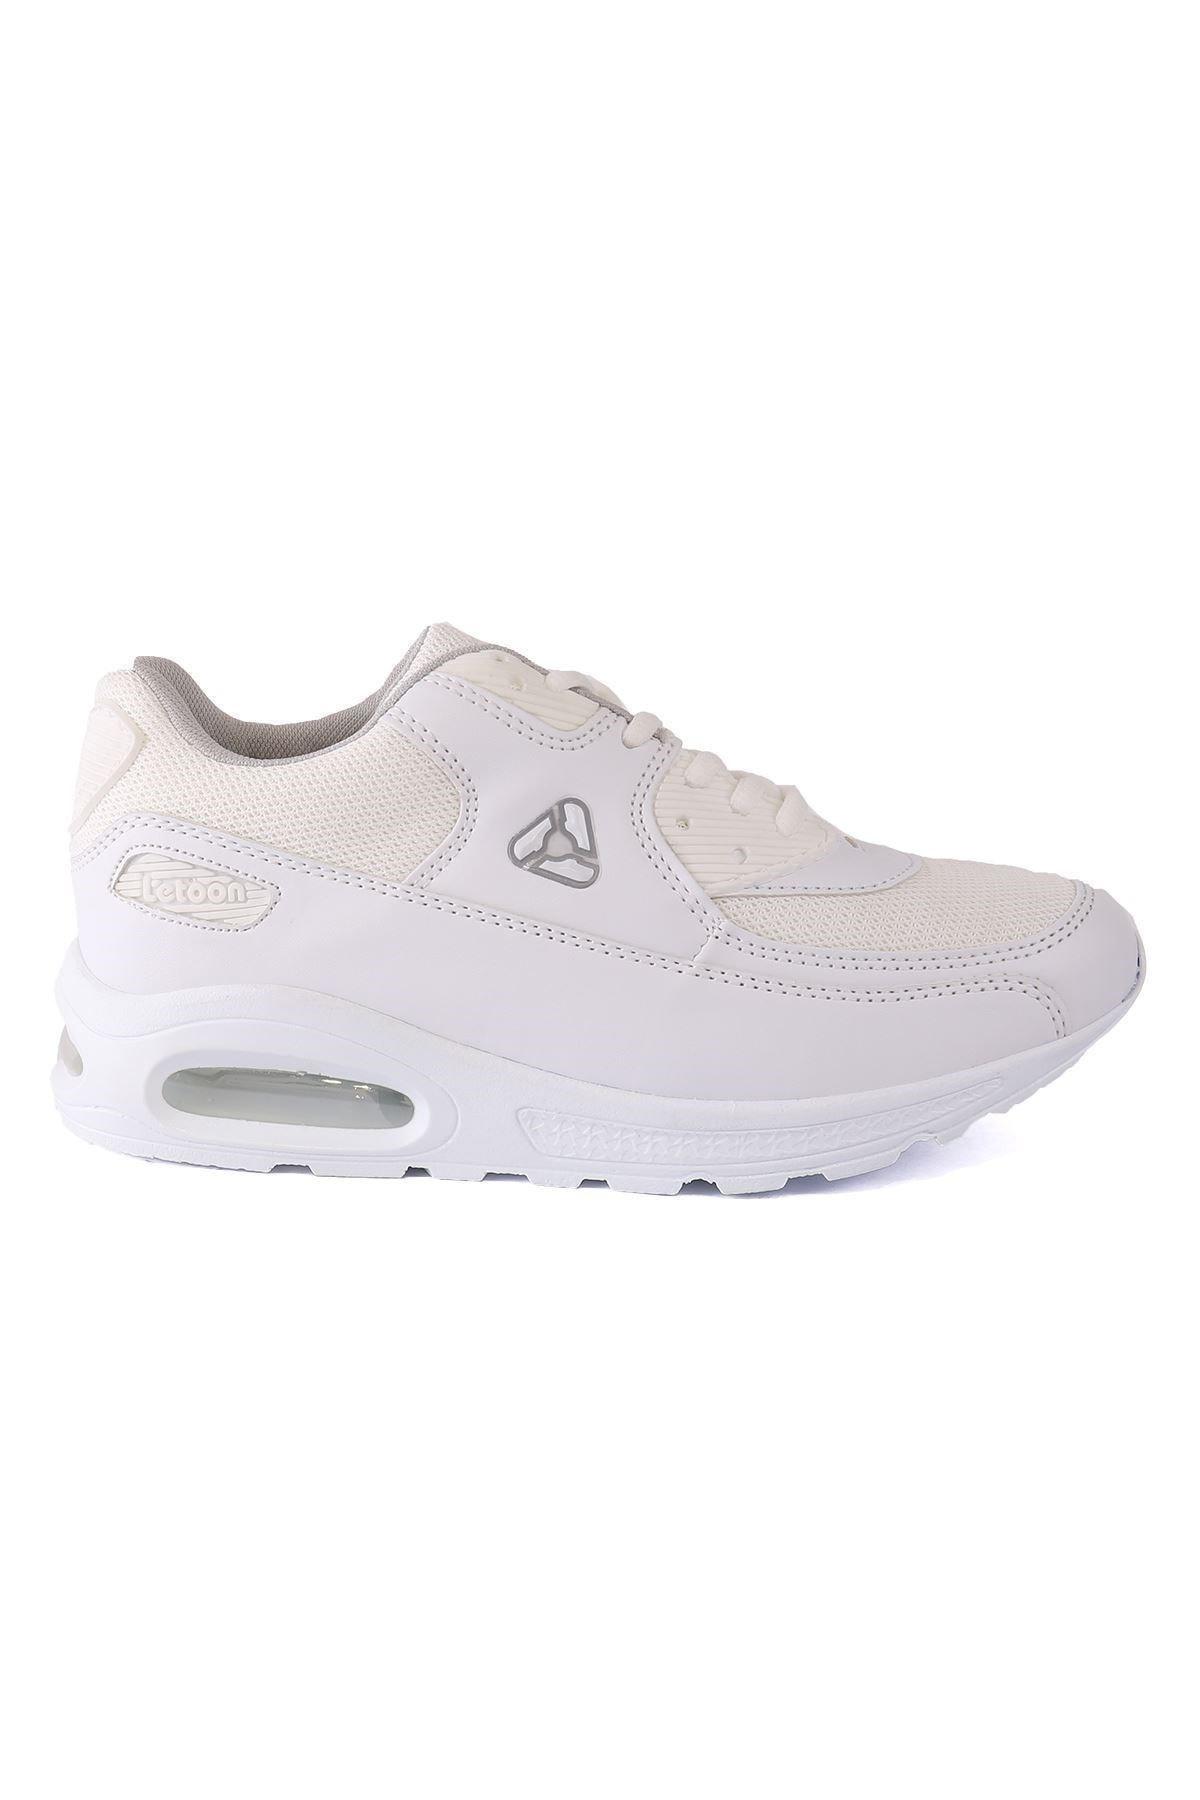 LETOON Erkek Casual Ayakkabı - 3003YMR 1